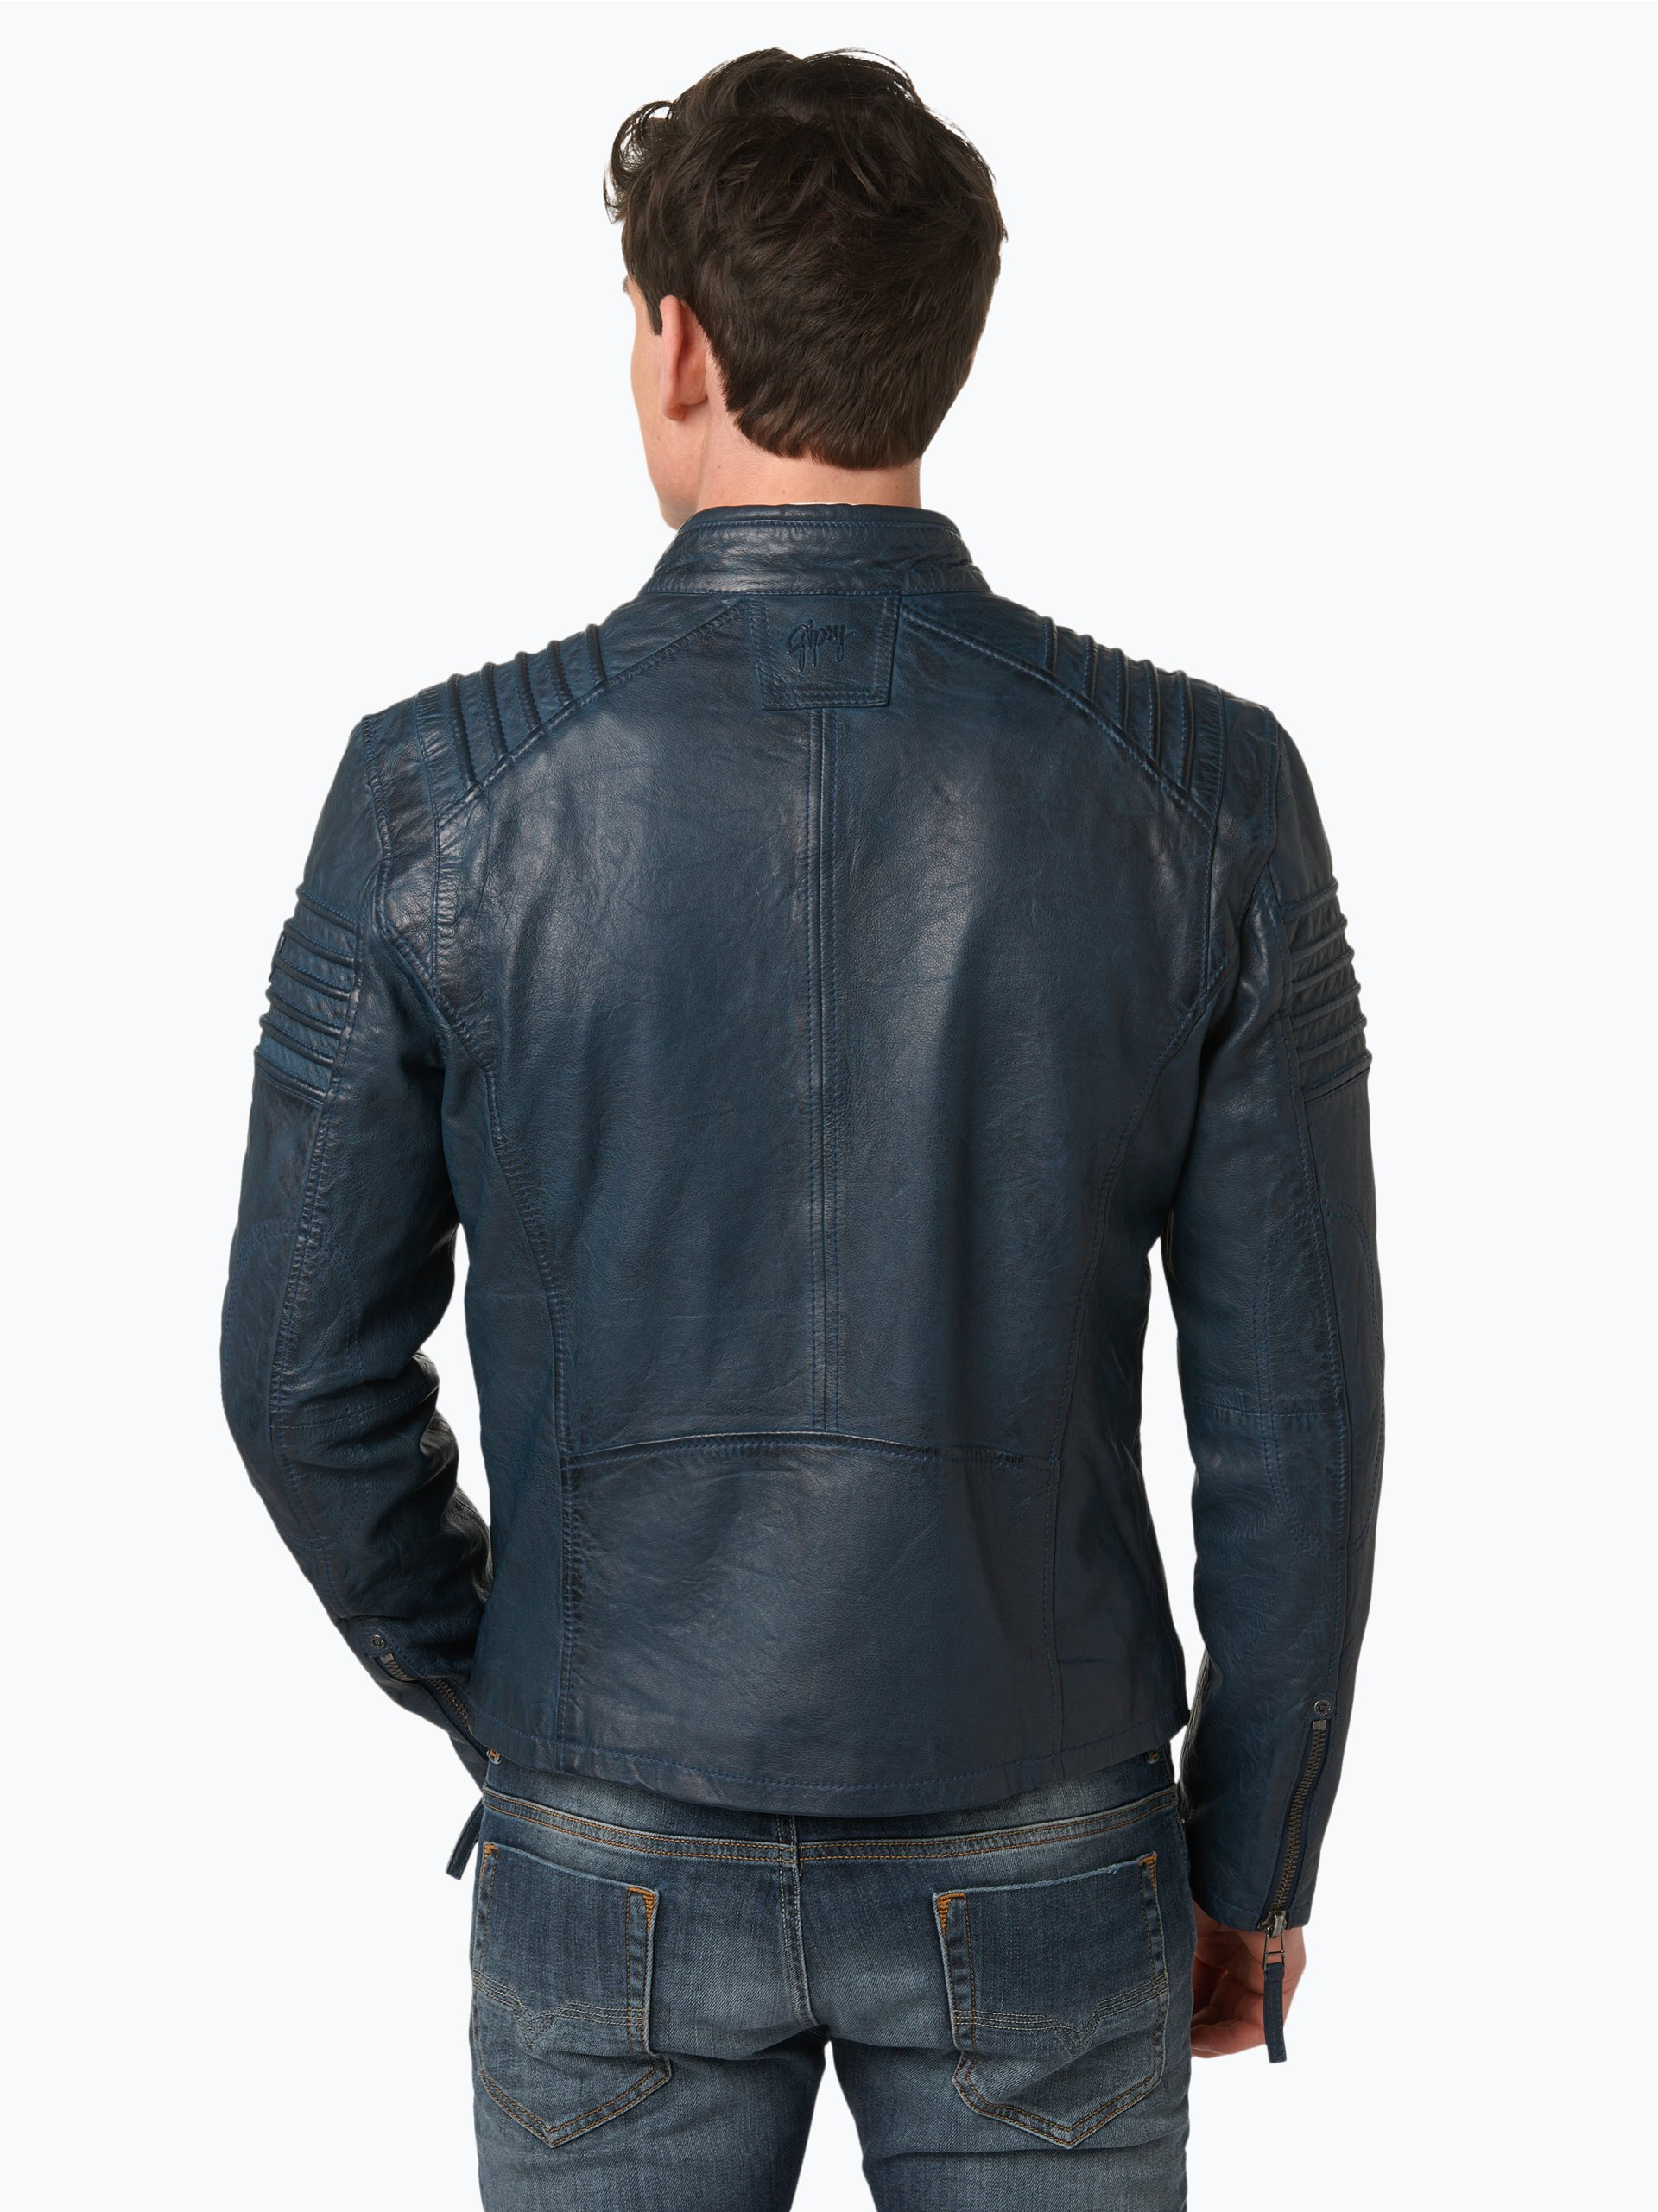 gipsy herren lederjacke copper blau uni online kaufen vangraaf com. Black Bedroom Furniture Sets. Home Design Ideas